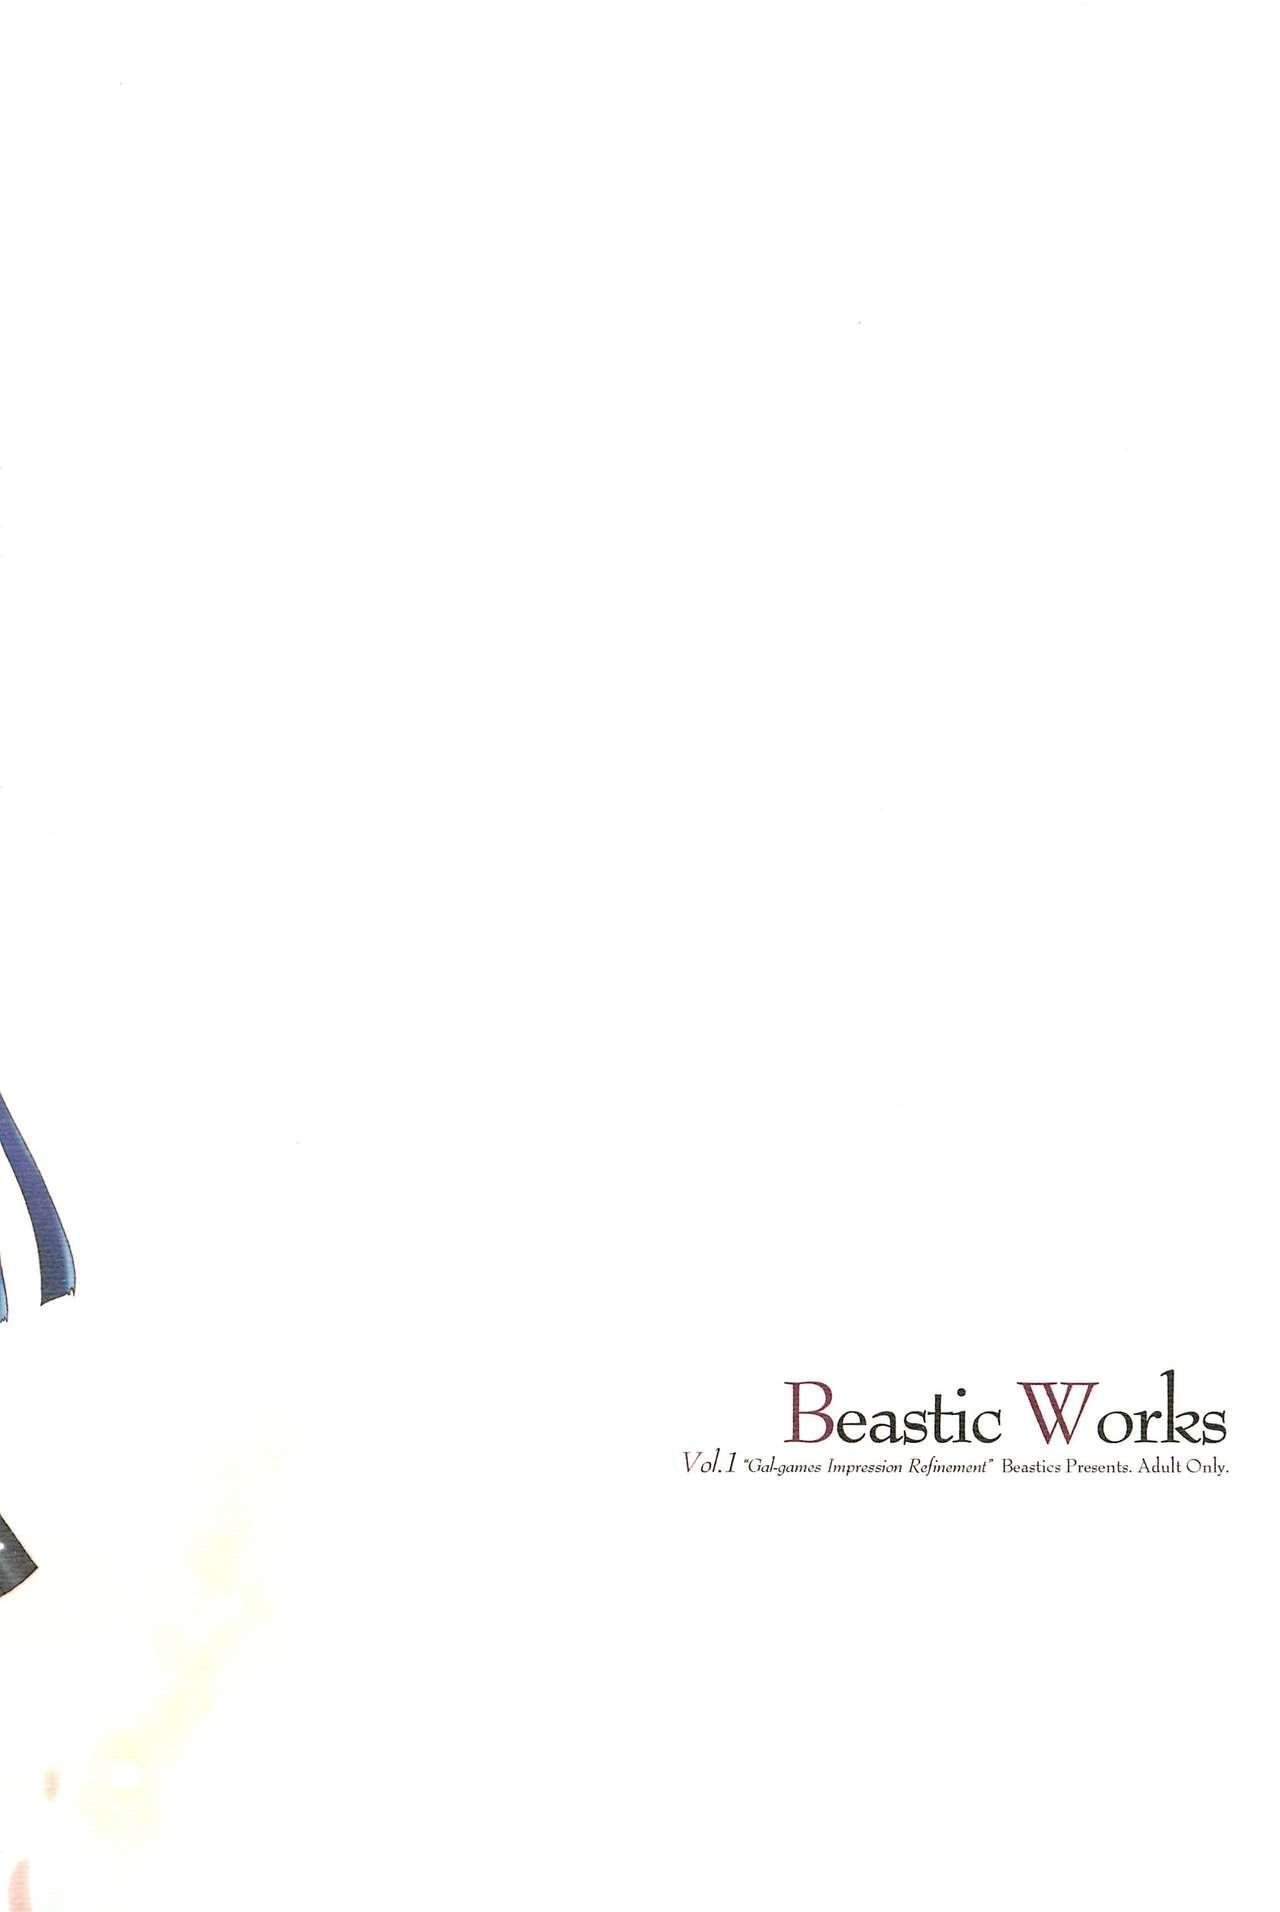 Beastics works Vol.1 43